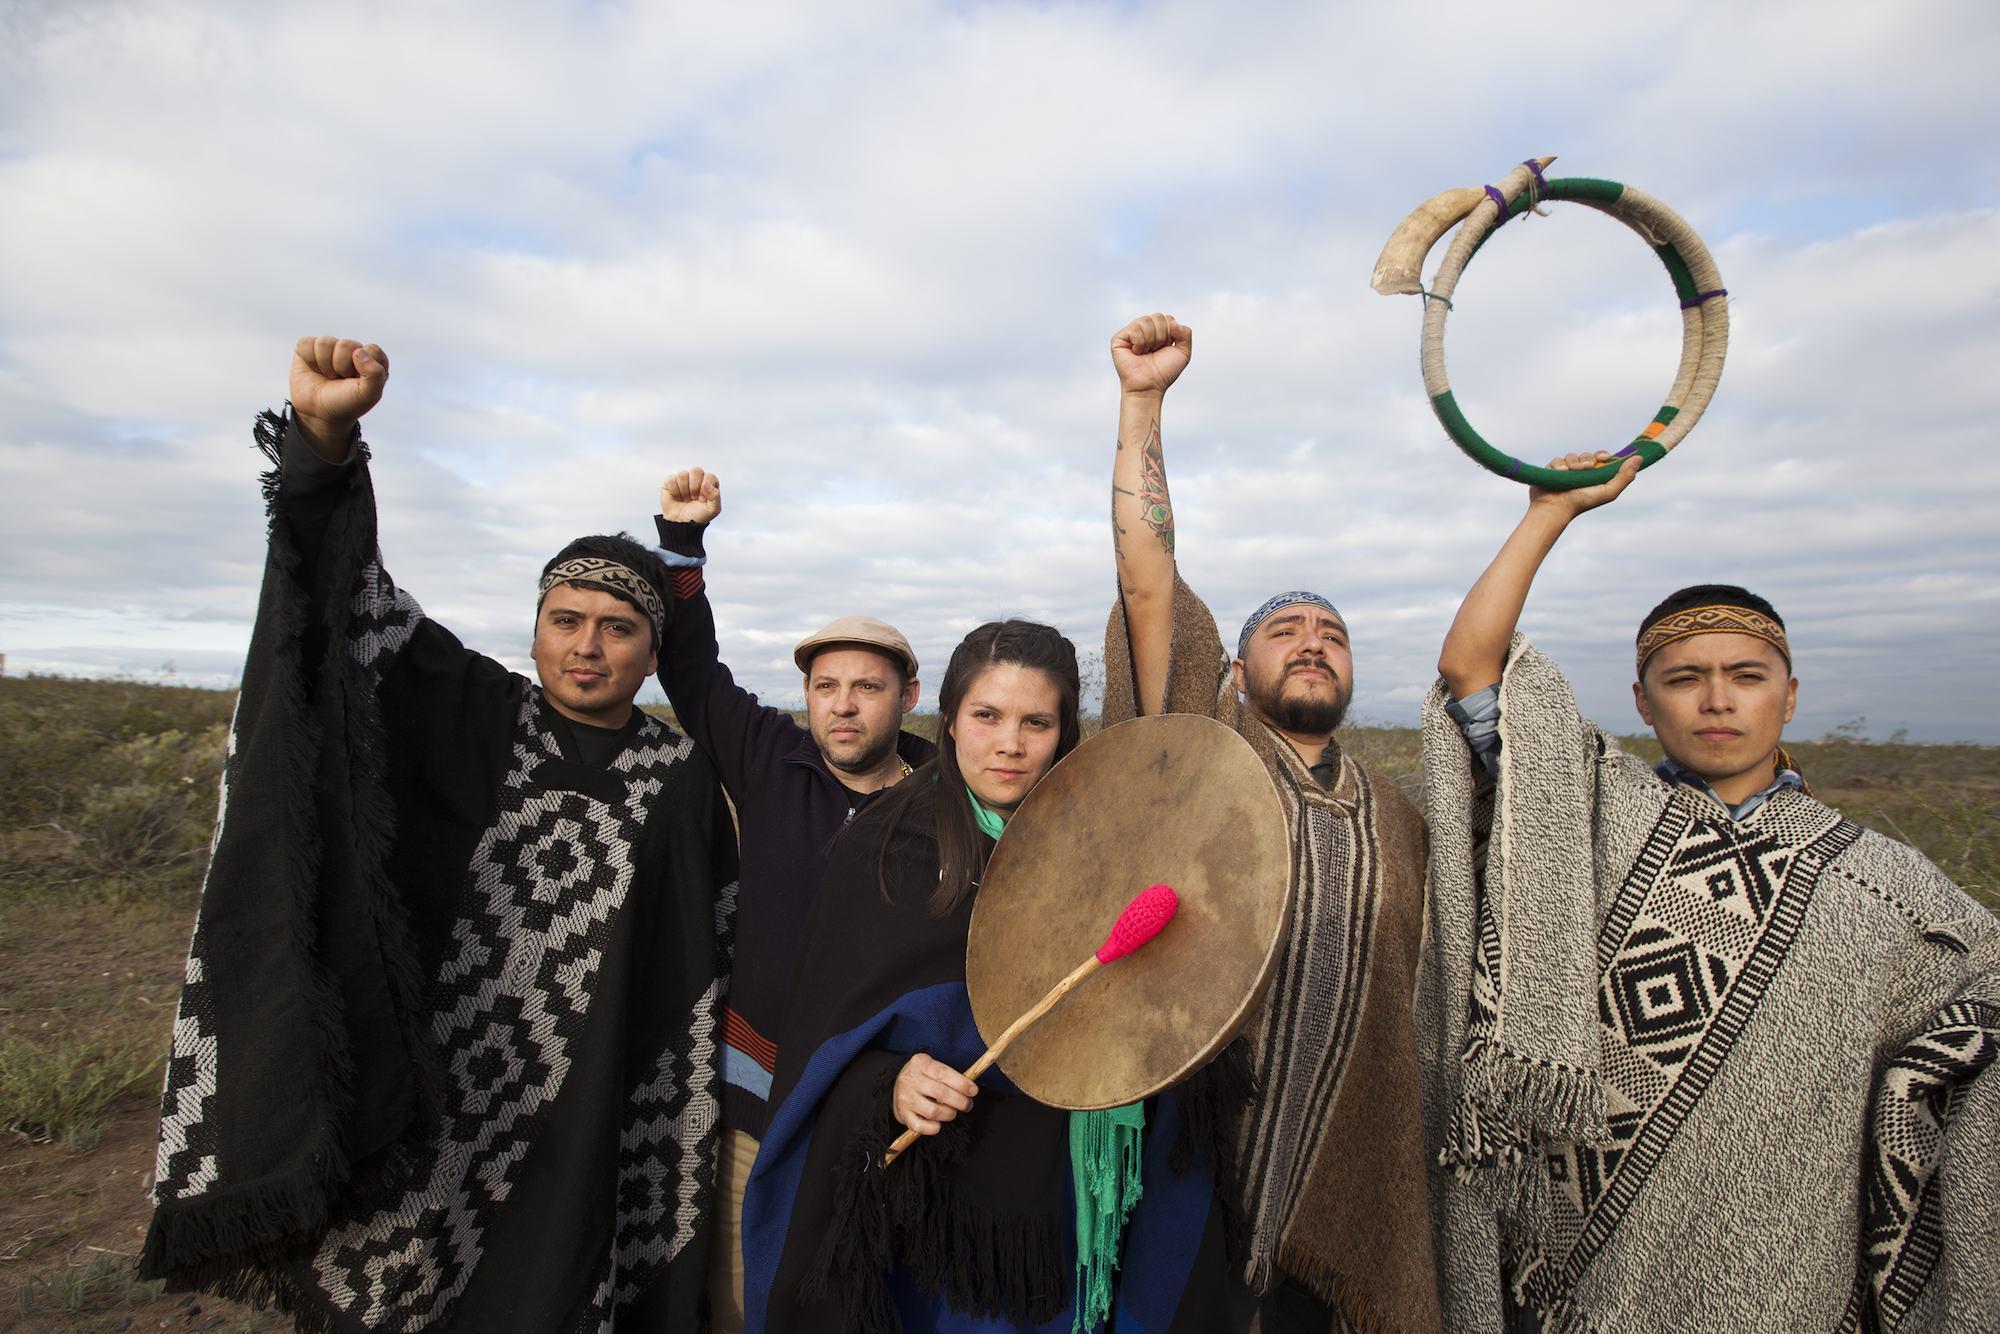 Entrevista exclusiva a Puel Kona, la banda mapuche que será soporte de Roger Waters - Radio Cantilo